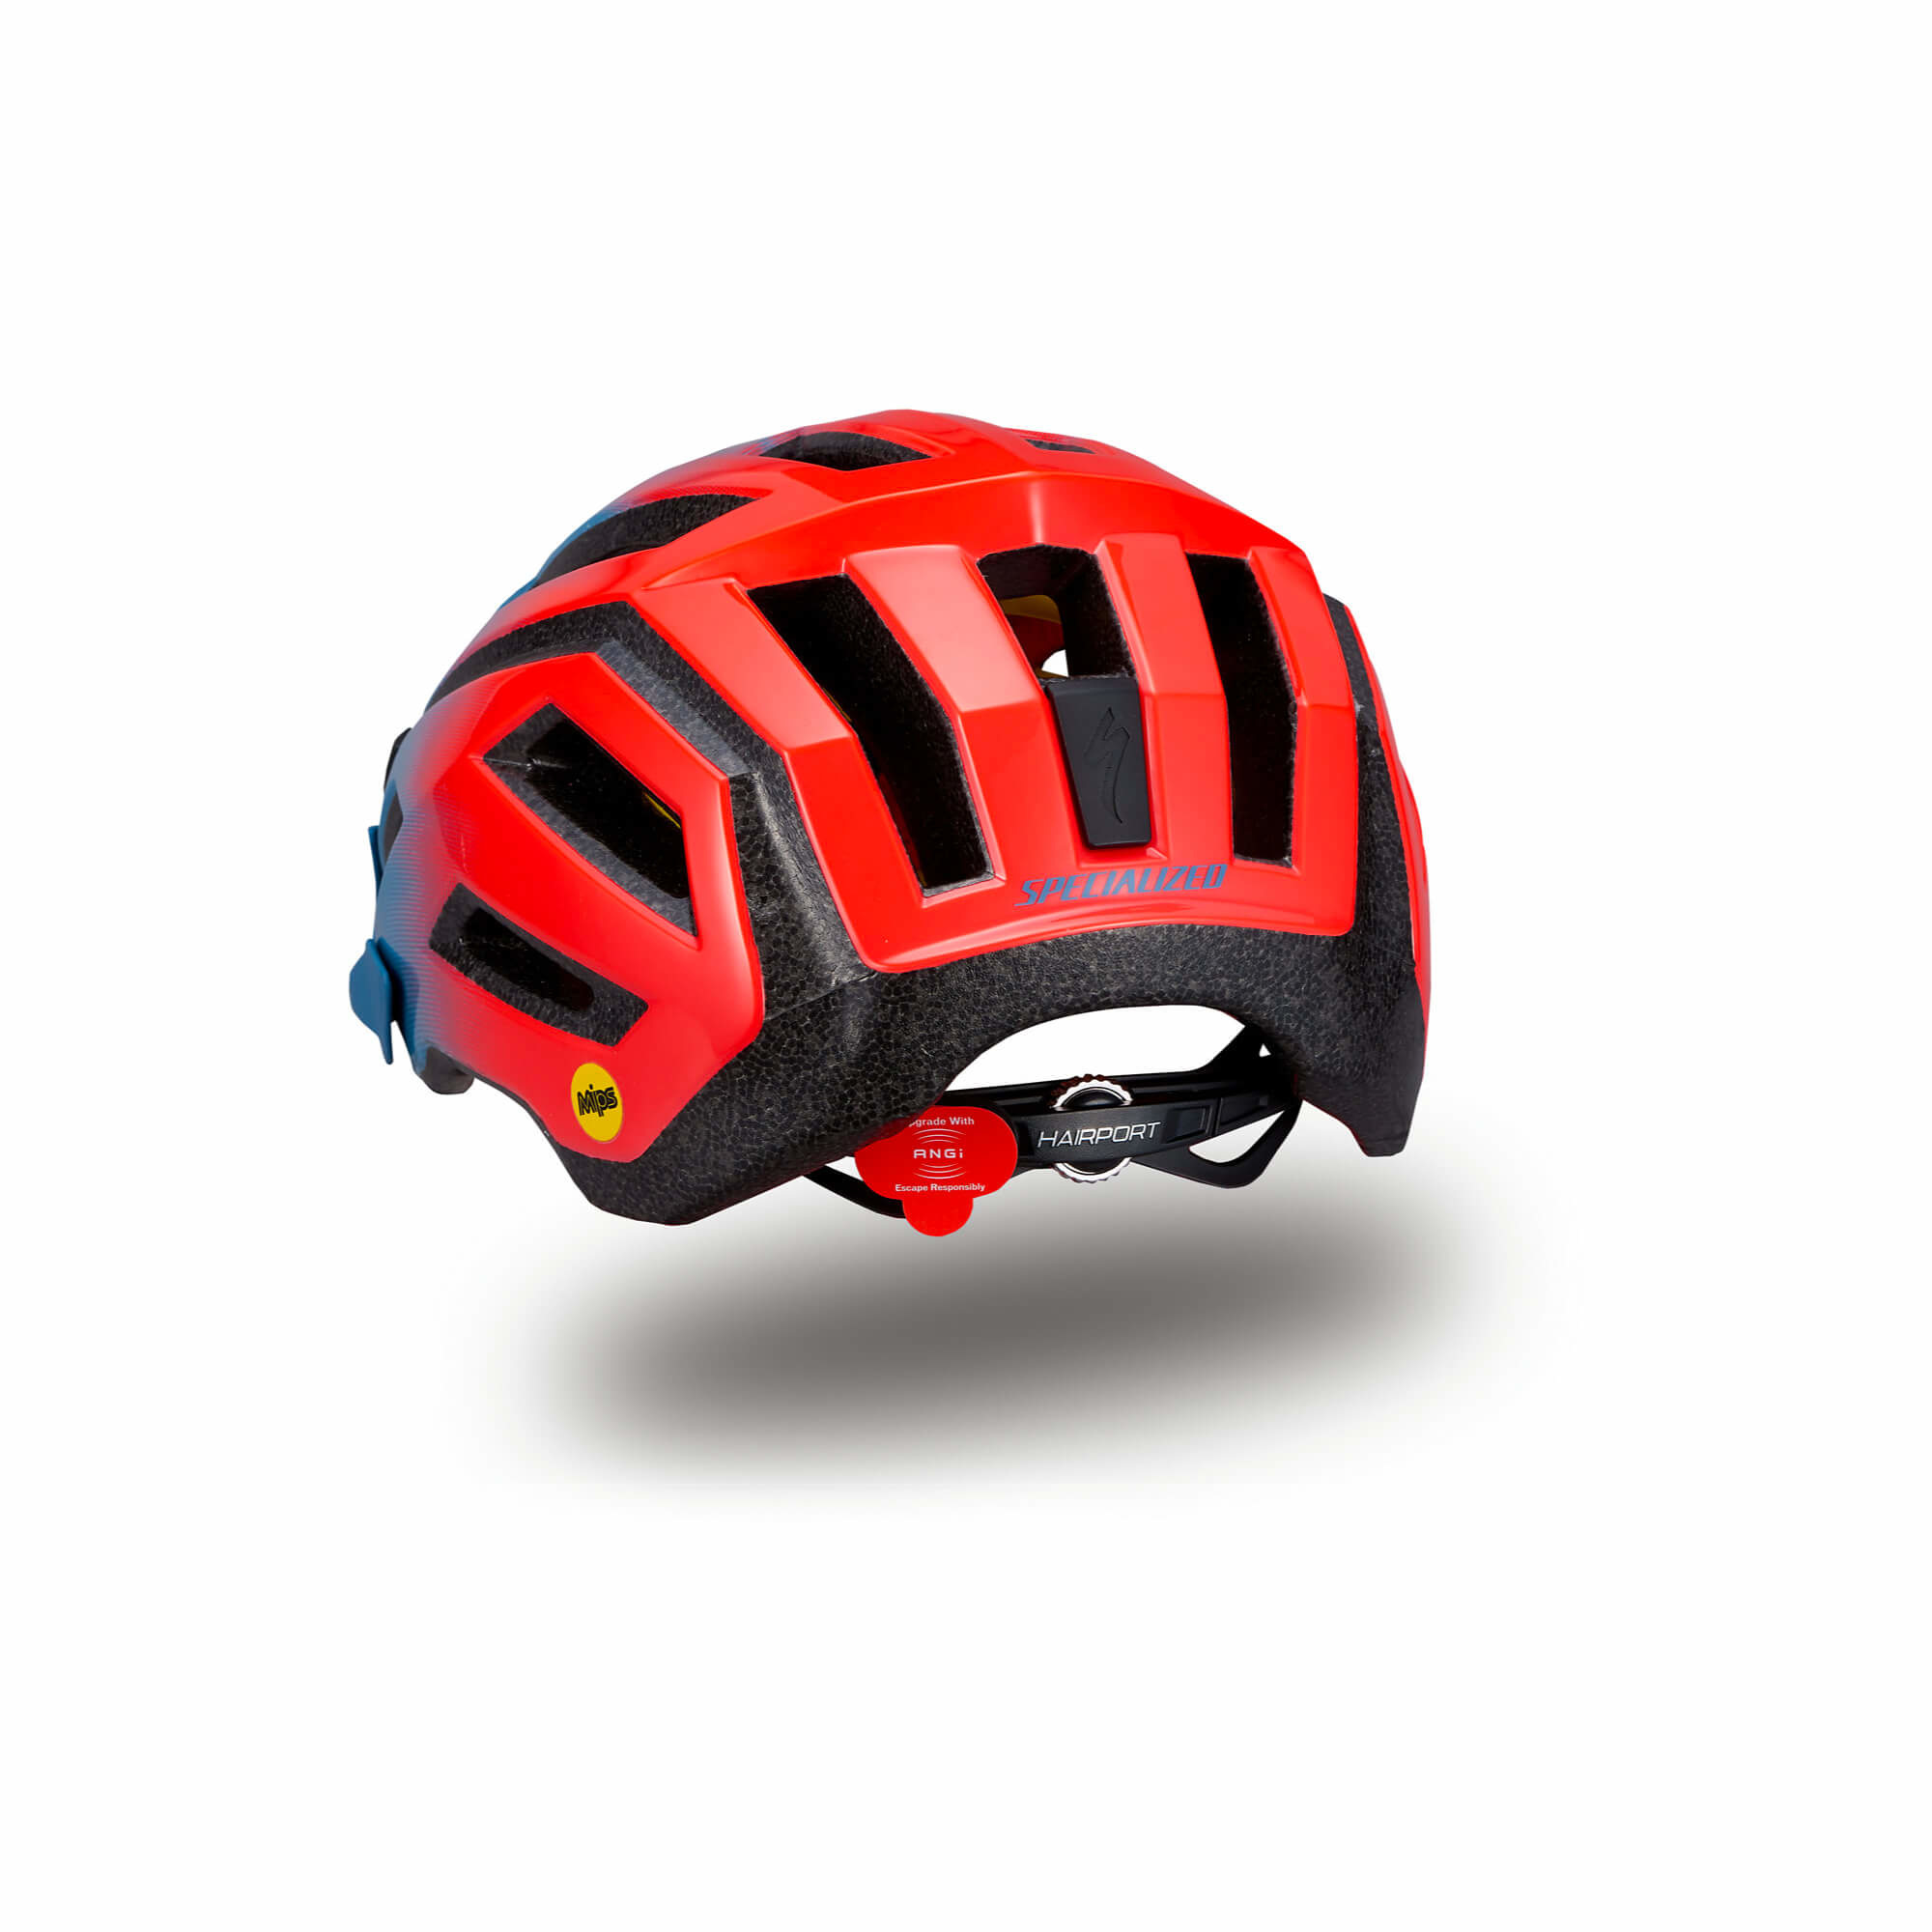 Tactic 3 Helmet Mips-7